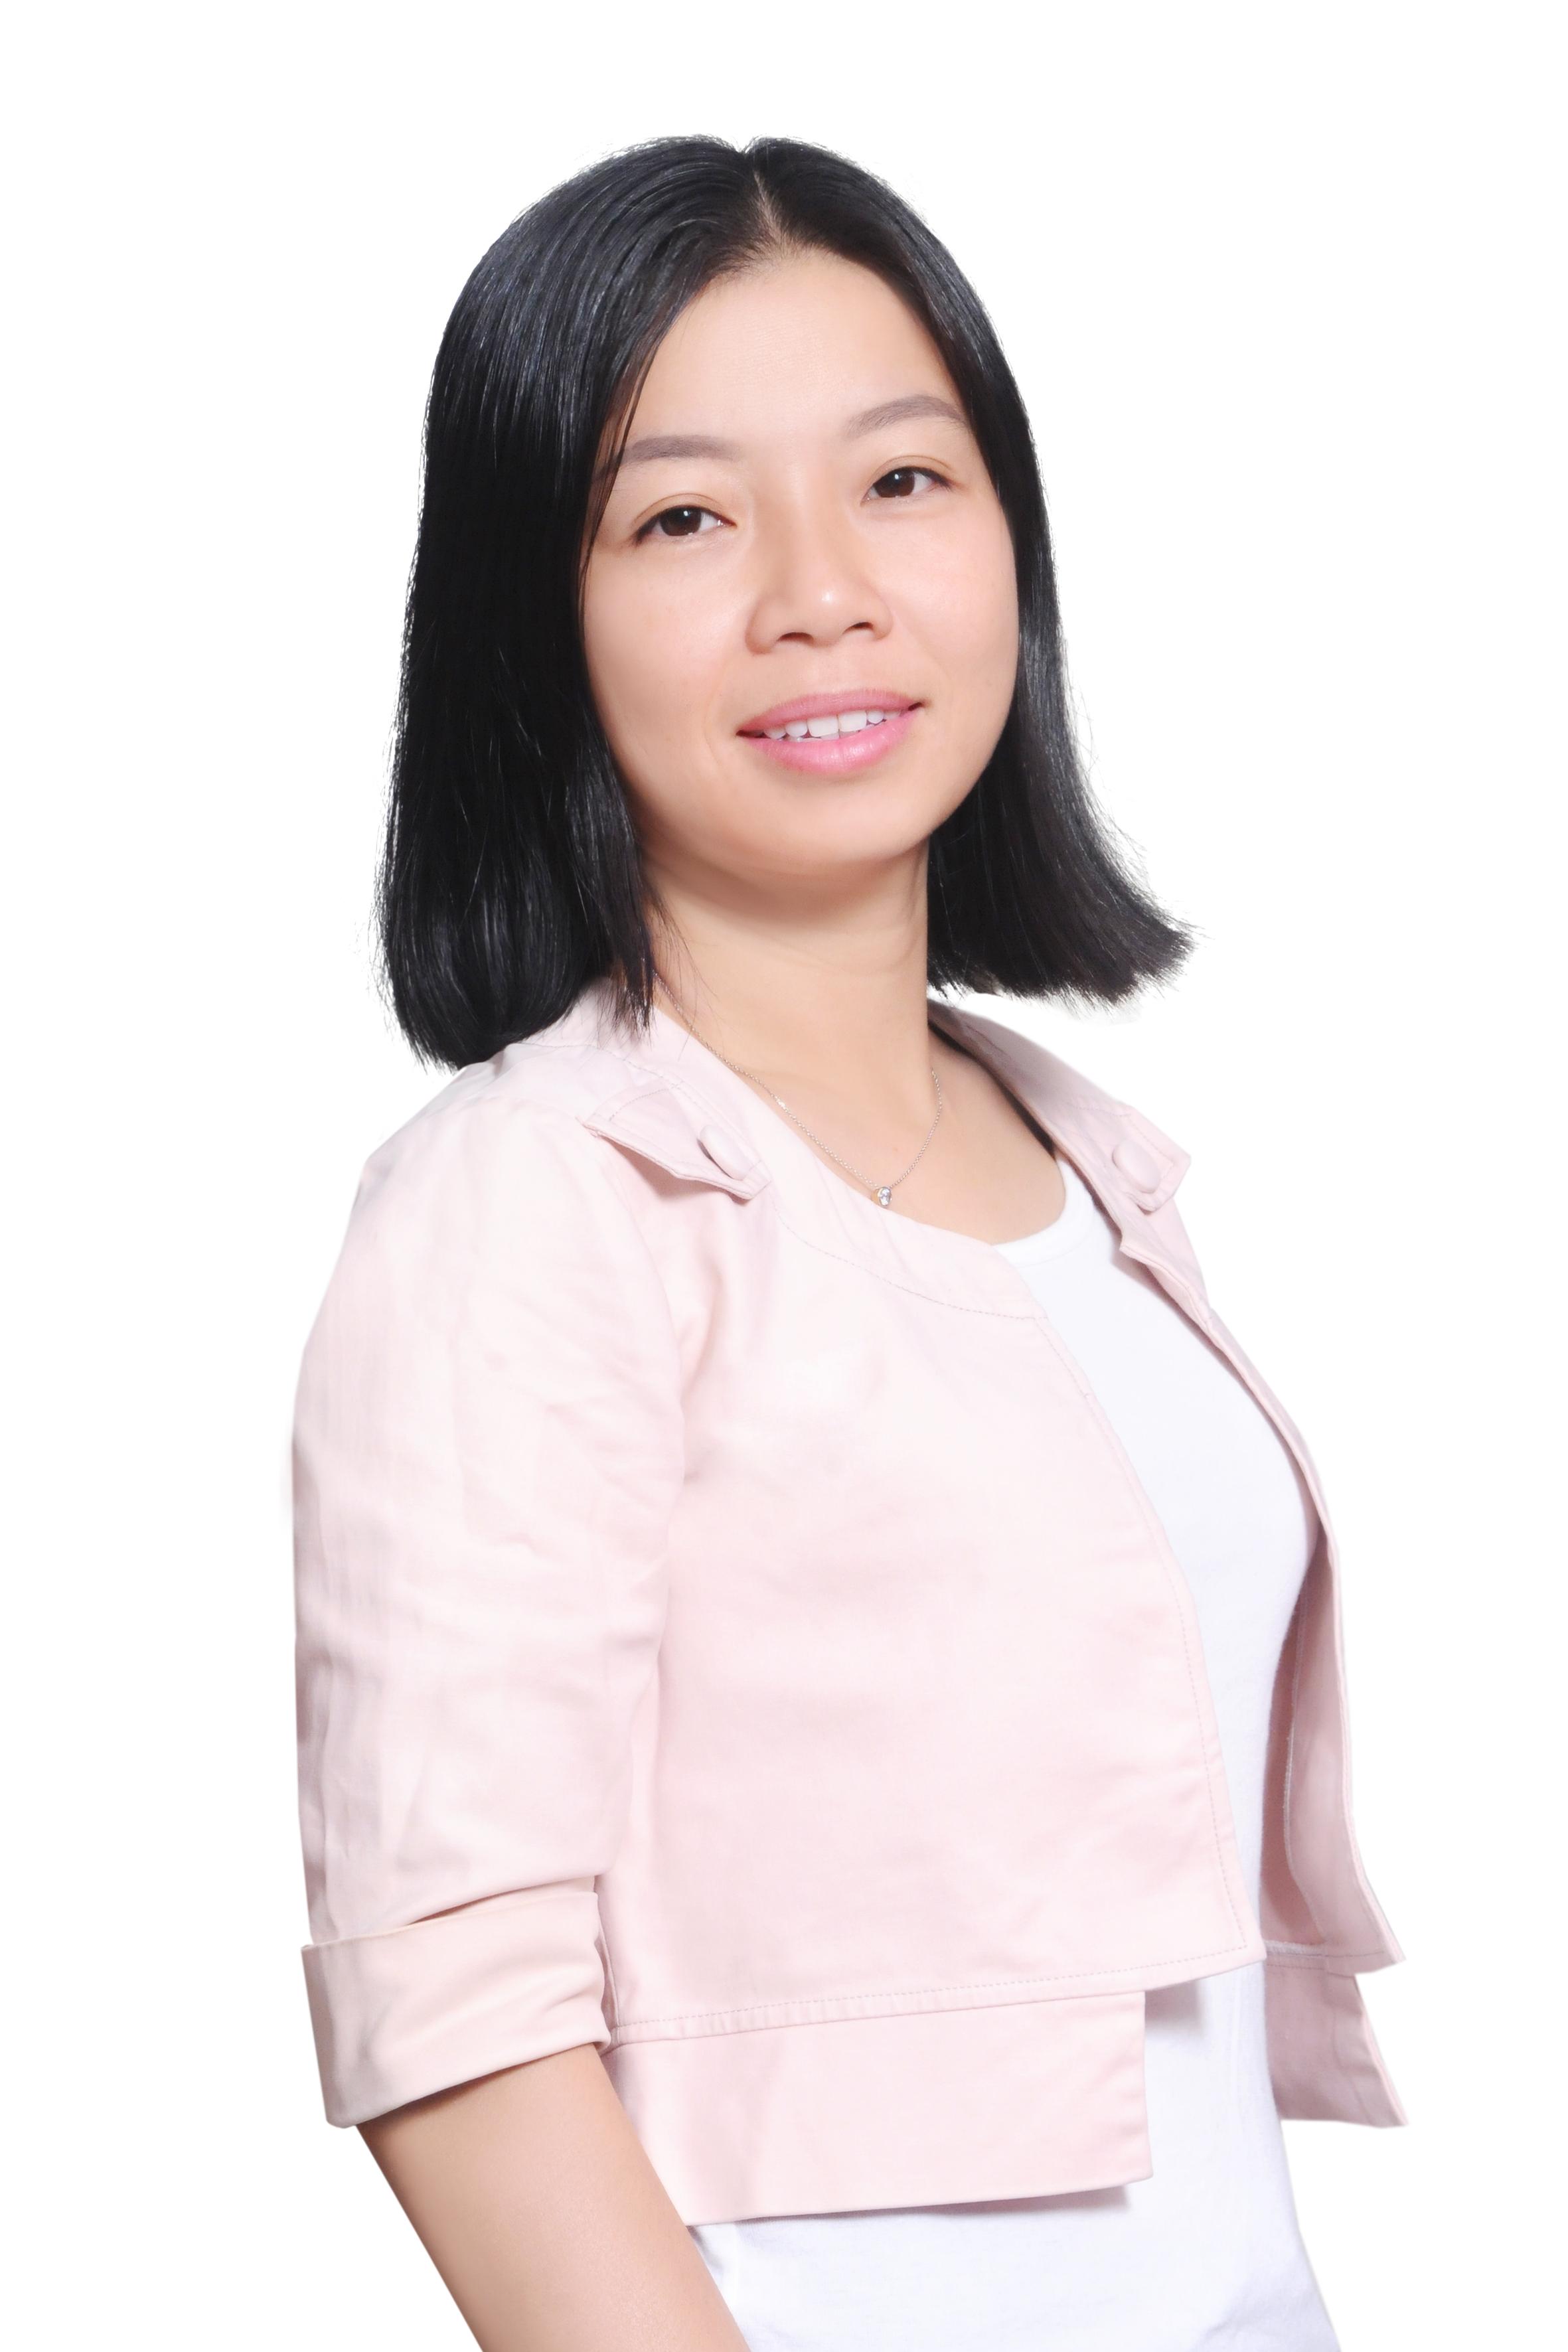 Huỳnh Thị Duy Phương